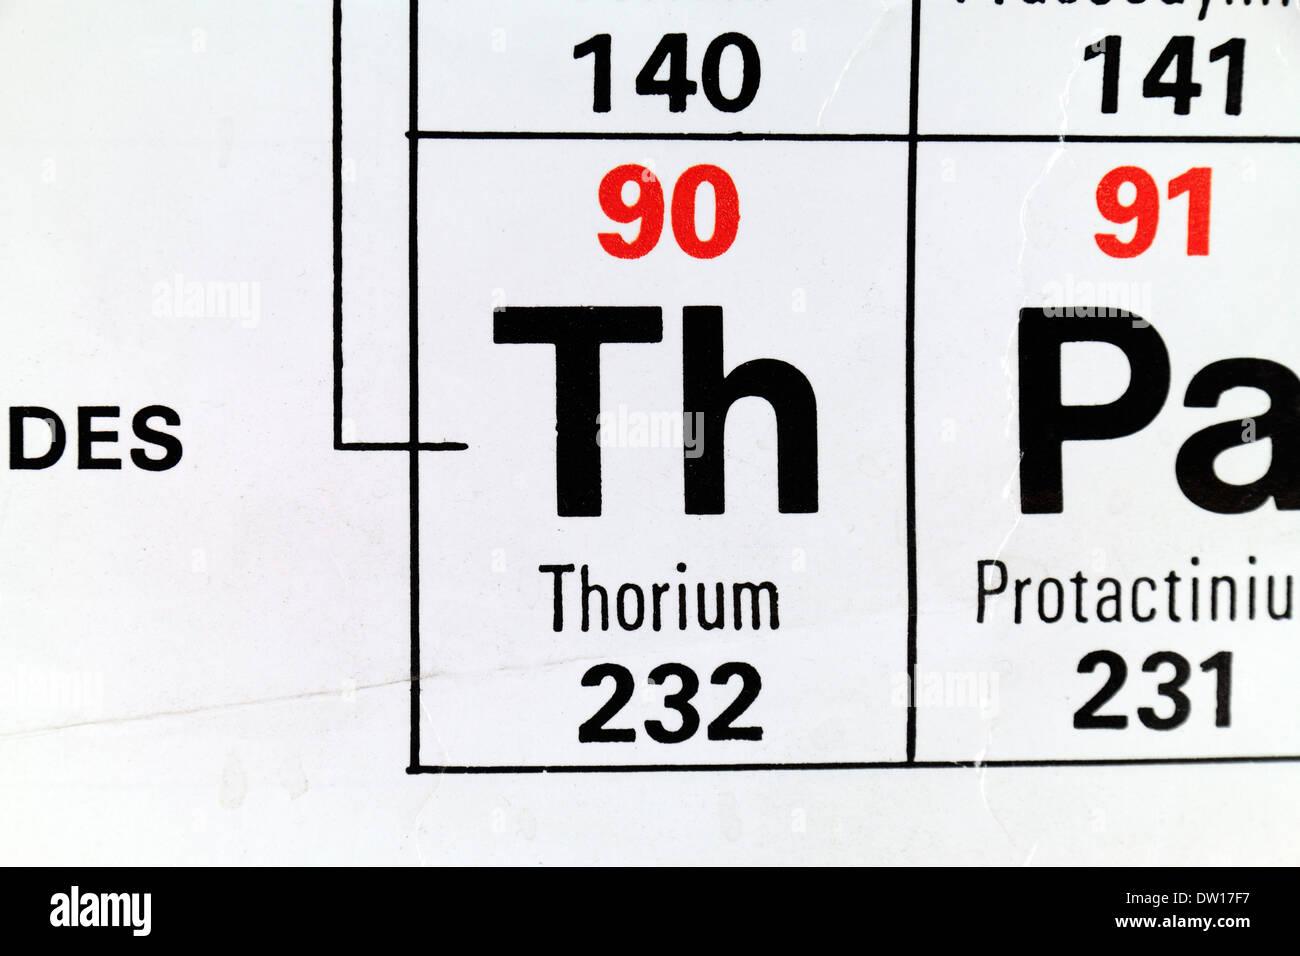 El torio th un elemento qumico radiactivo natural tal como el torio th un elemento qumico radiactivo natural tal como aparece en la tabla peridica urtaz Image collections